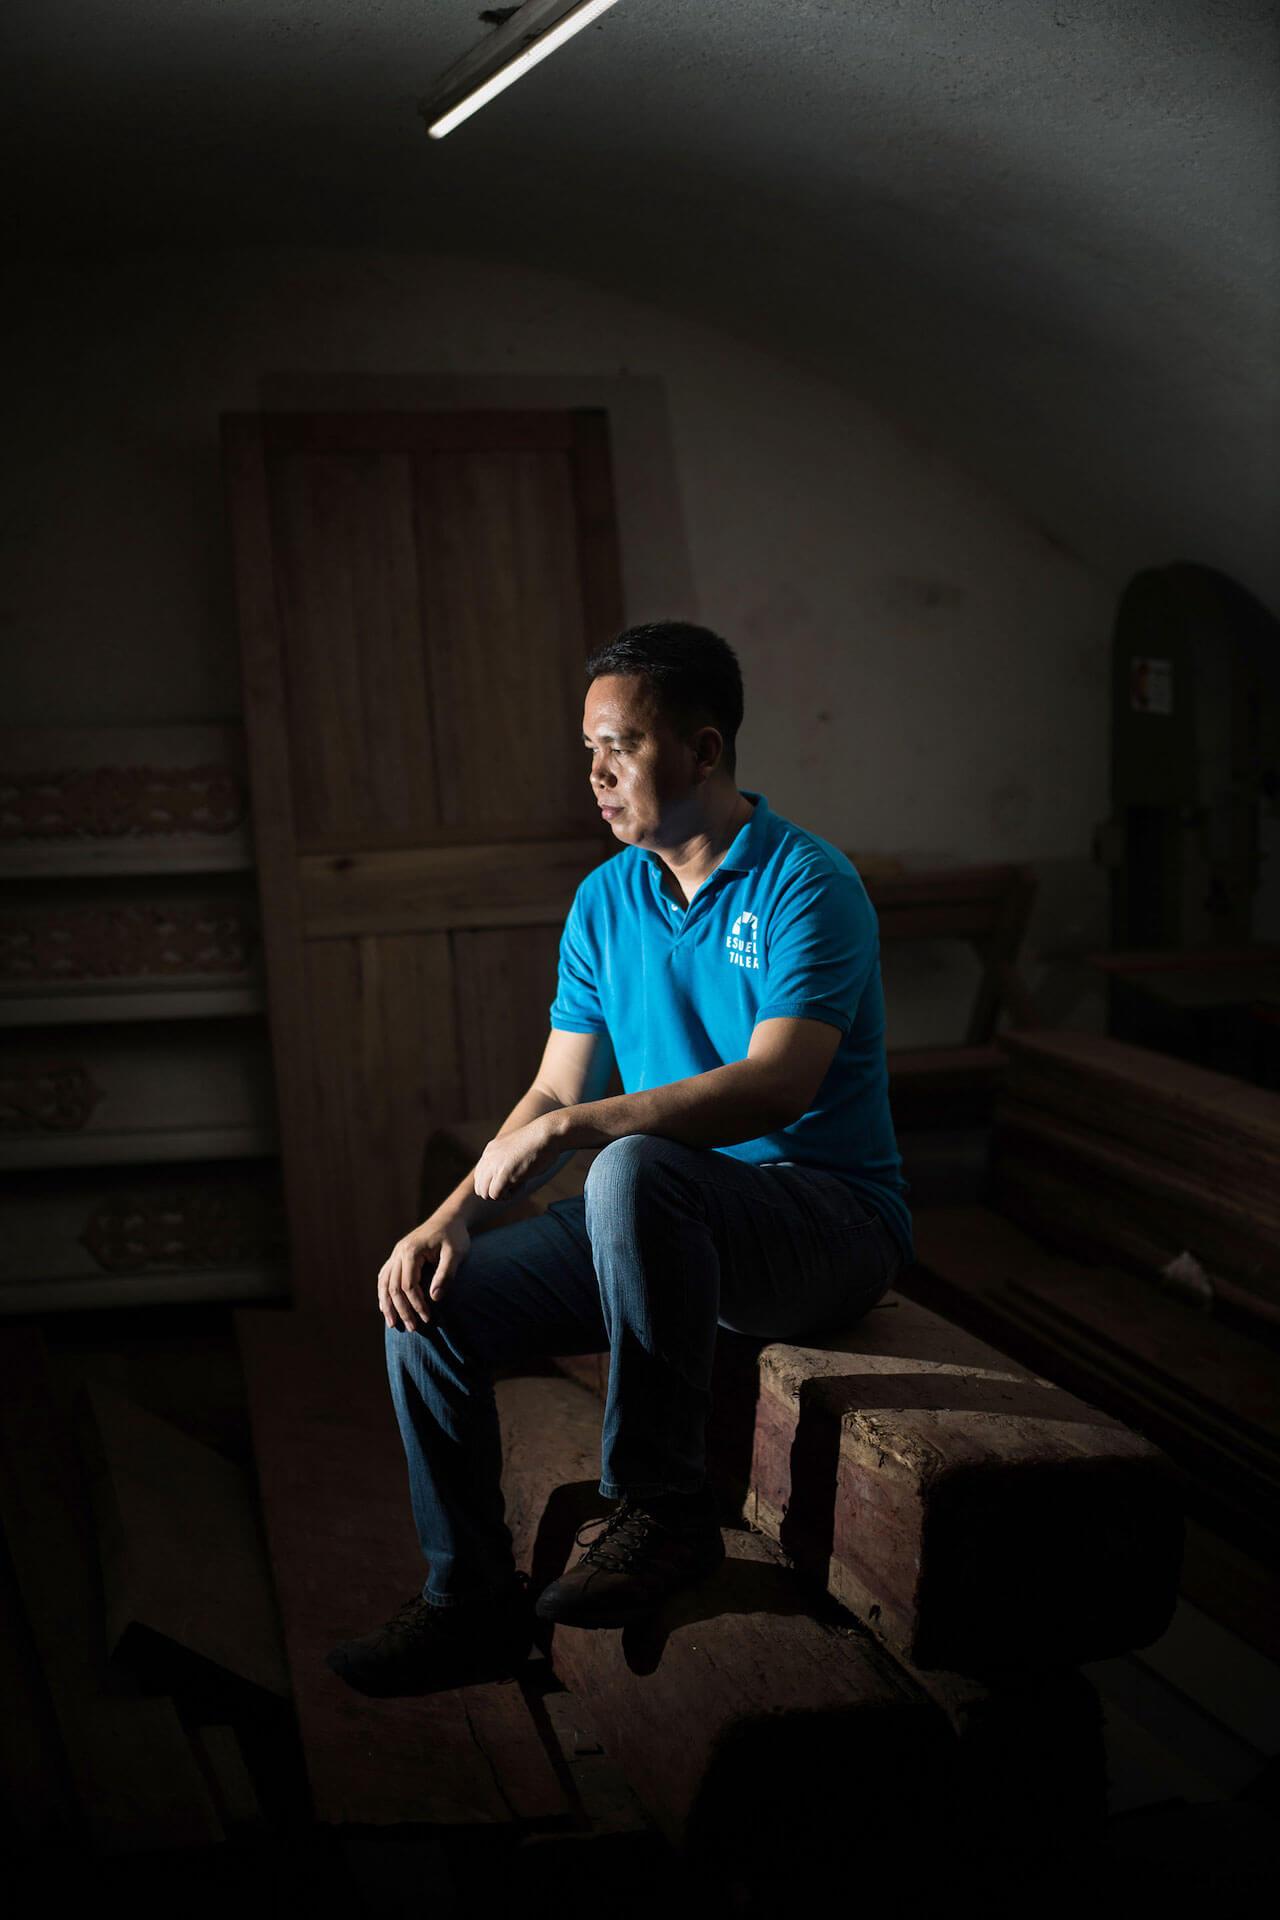 Carpentry instructor Elvin Alexon Ferrer